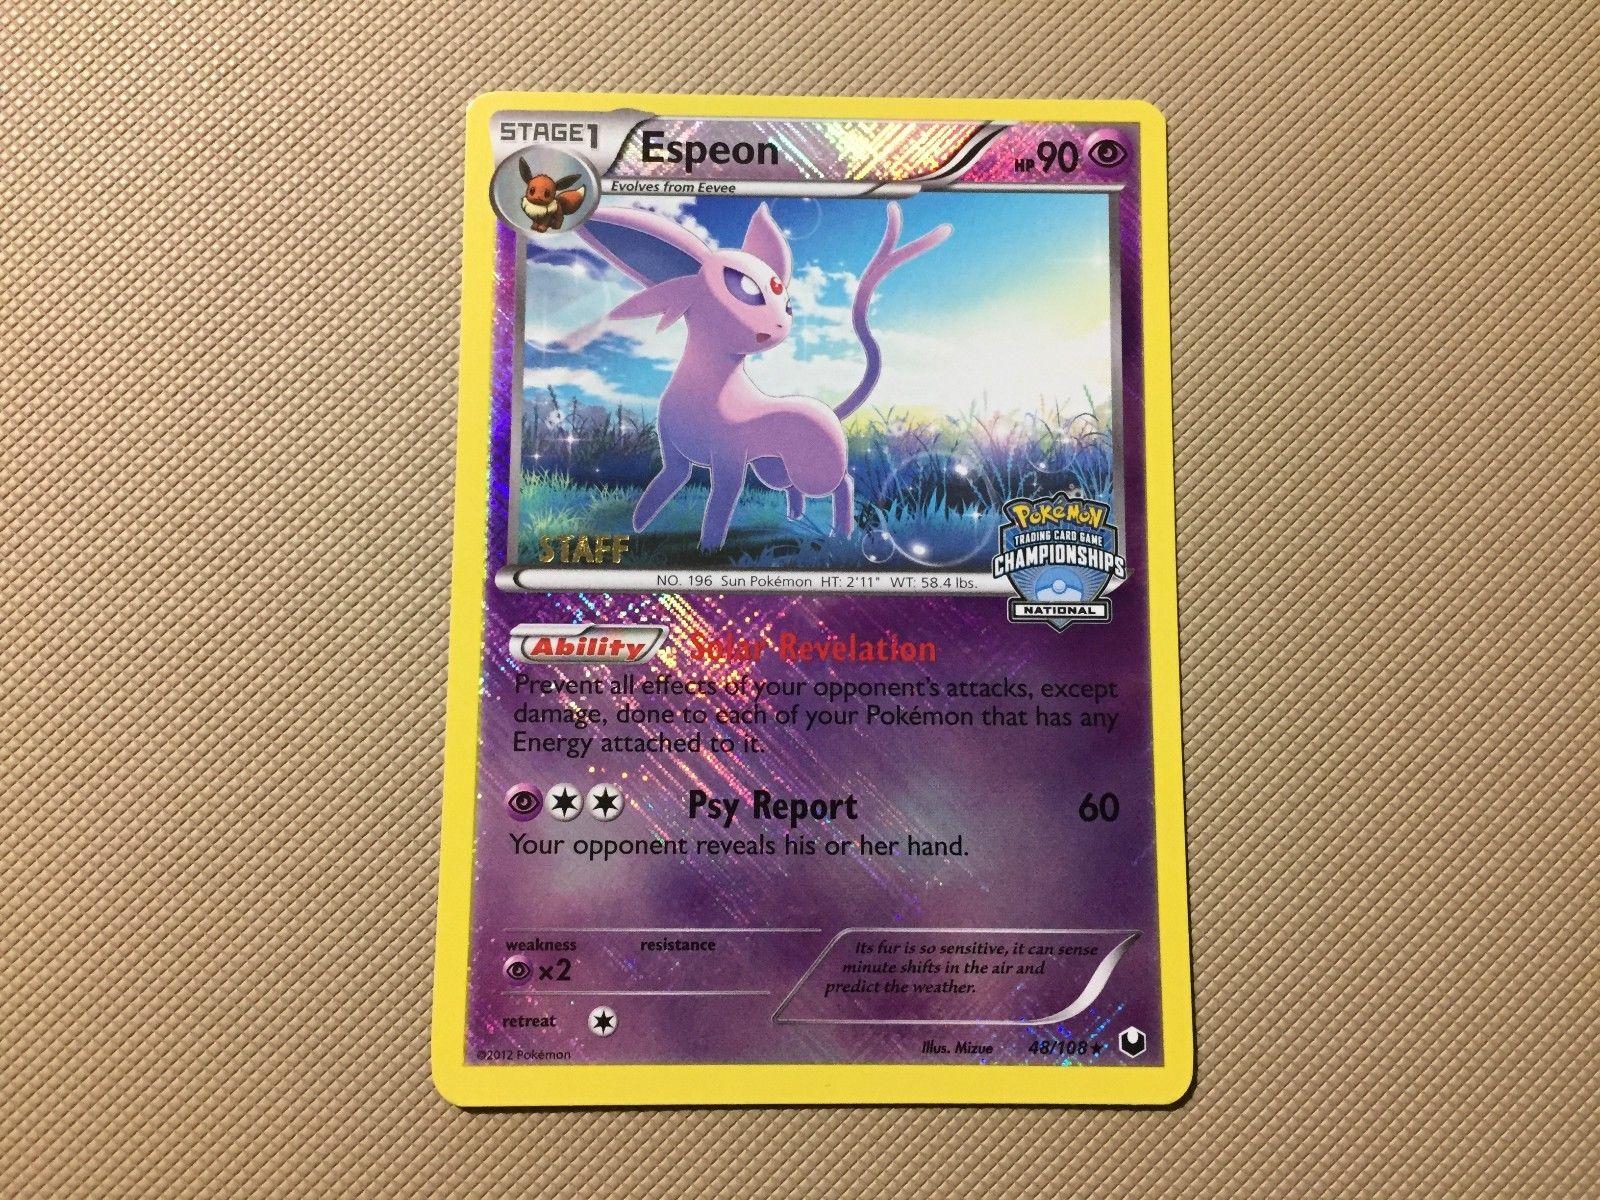 Espeon 48//108 Dark Explorers Pokemon Card Exc Cond